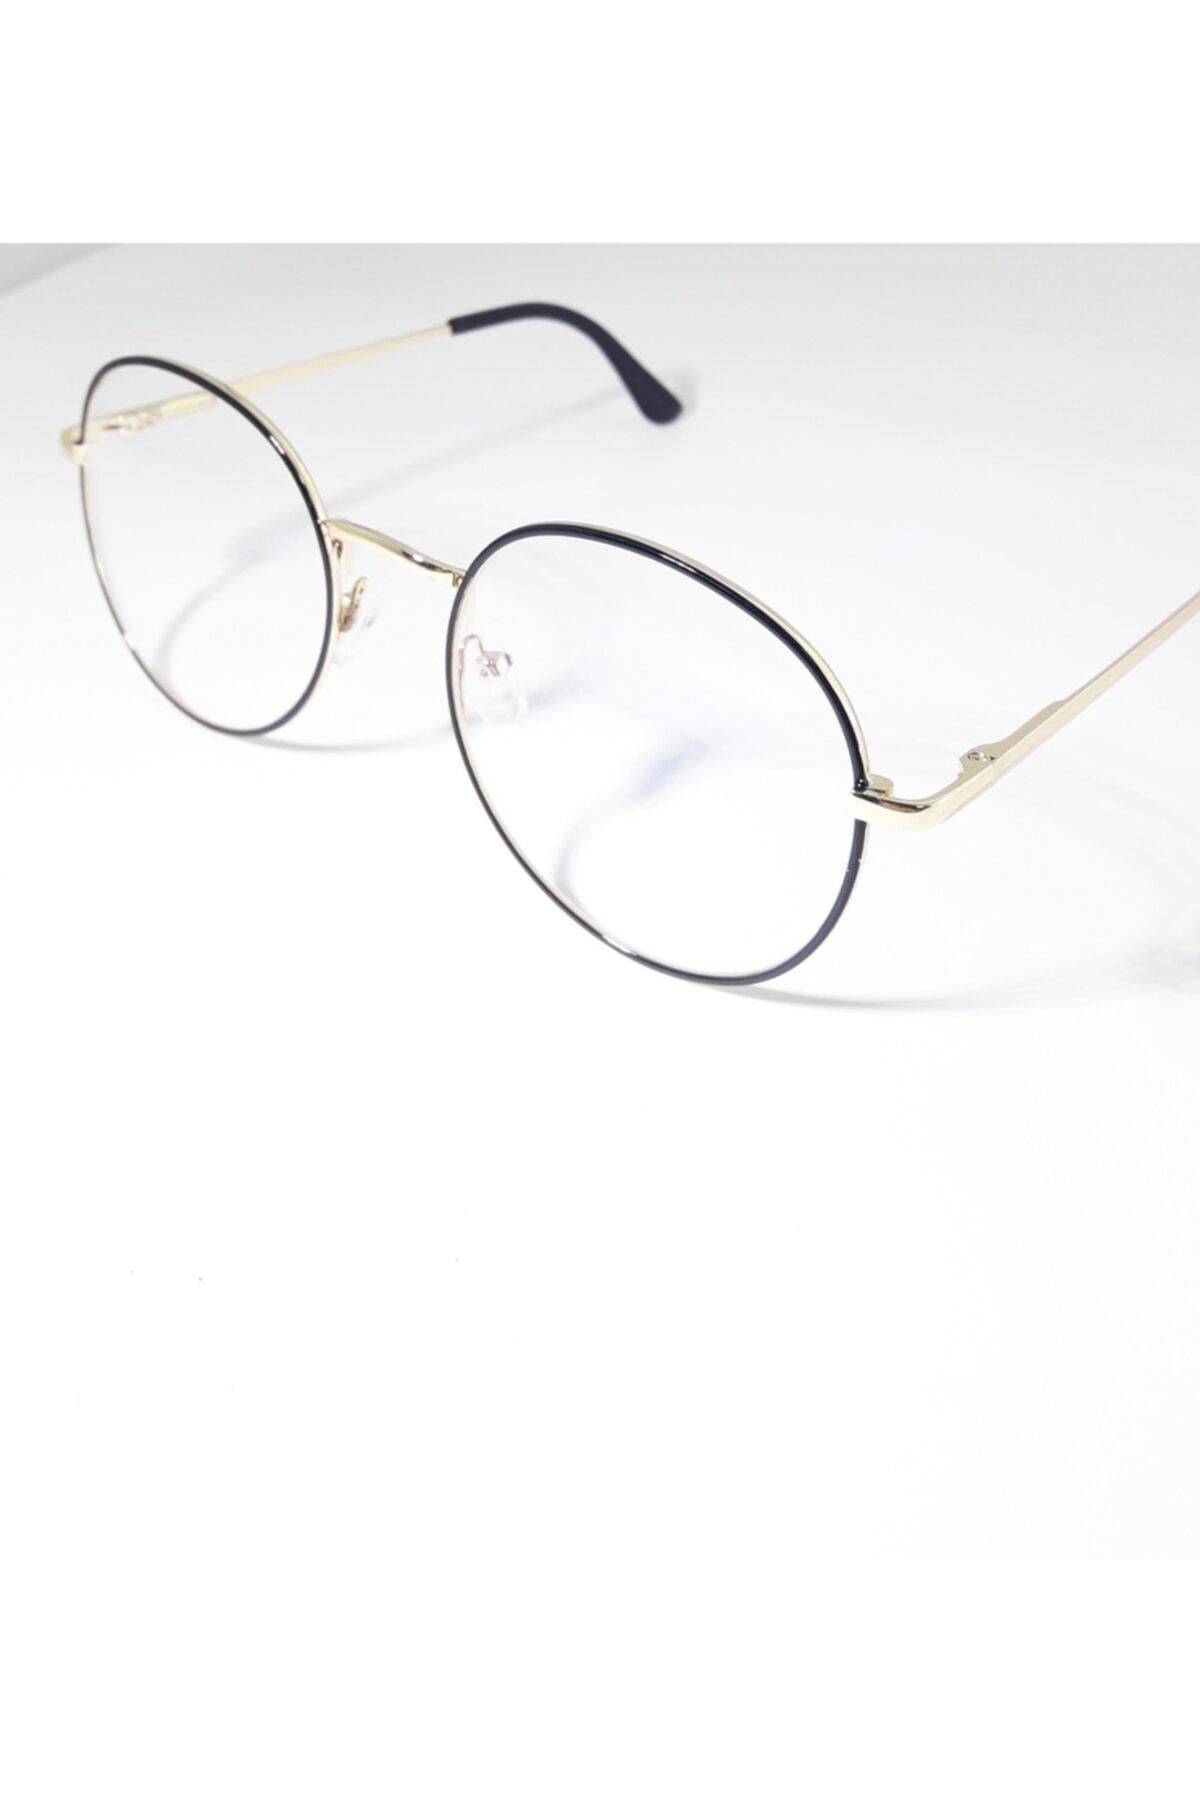 Vintage Mavi Işık Engelleme Gözlük Anti Gözlük Bilgisayar Okuma Gözlükleri Uv400 Şeffaf Lens Siyah Çerçeve 2